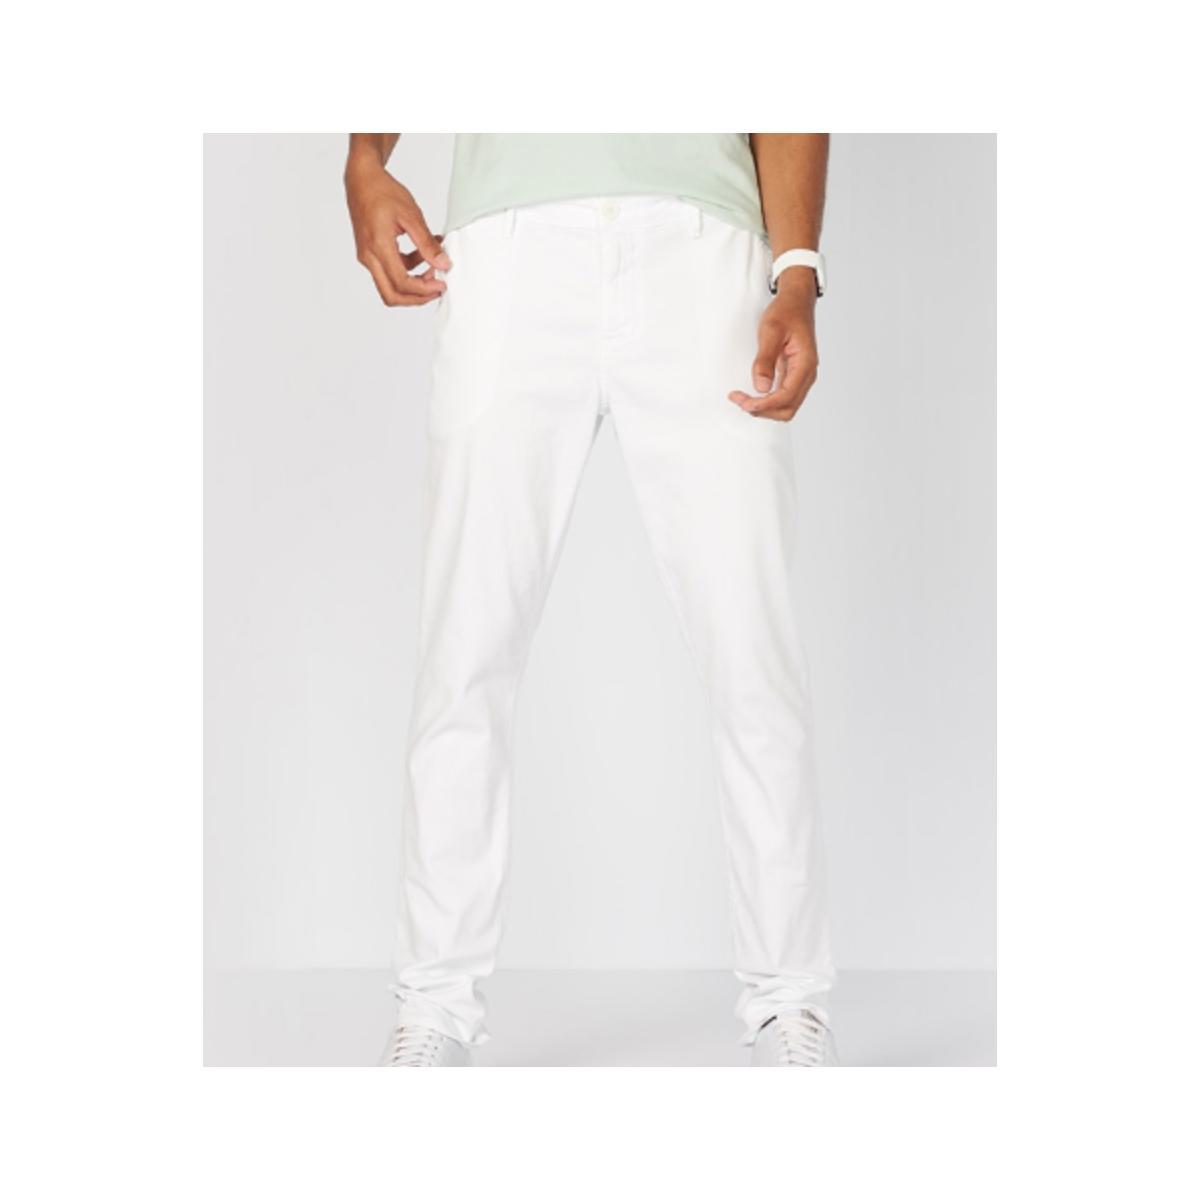 Calça Masculina Colcci 10105628 001 Branco